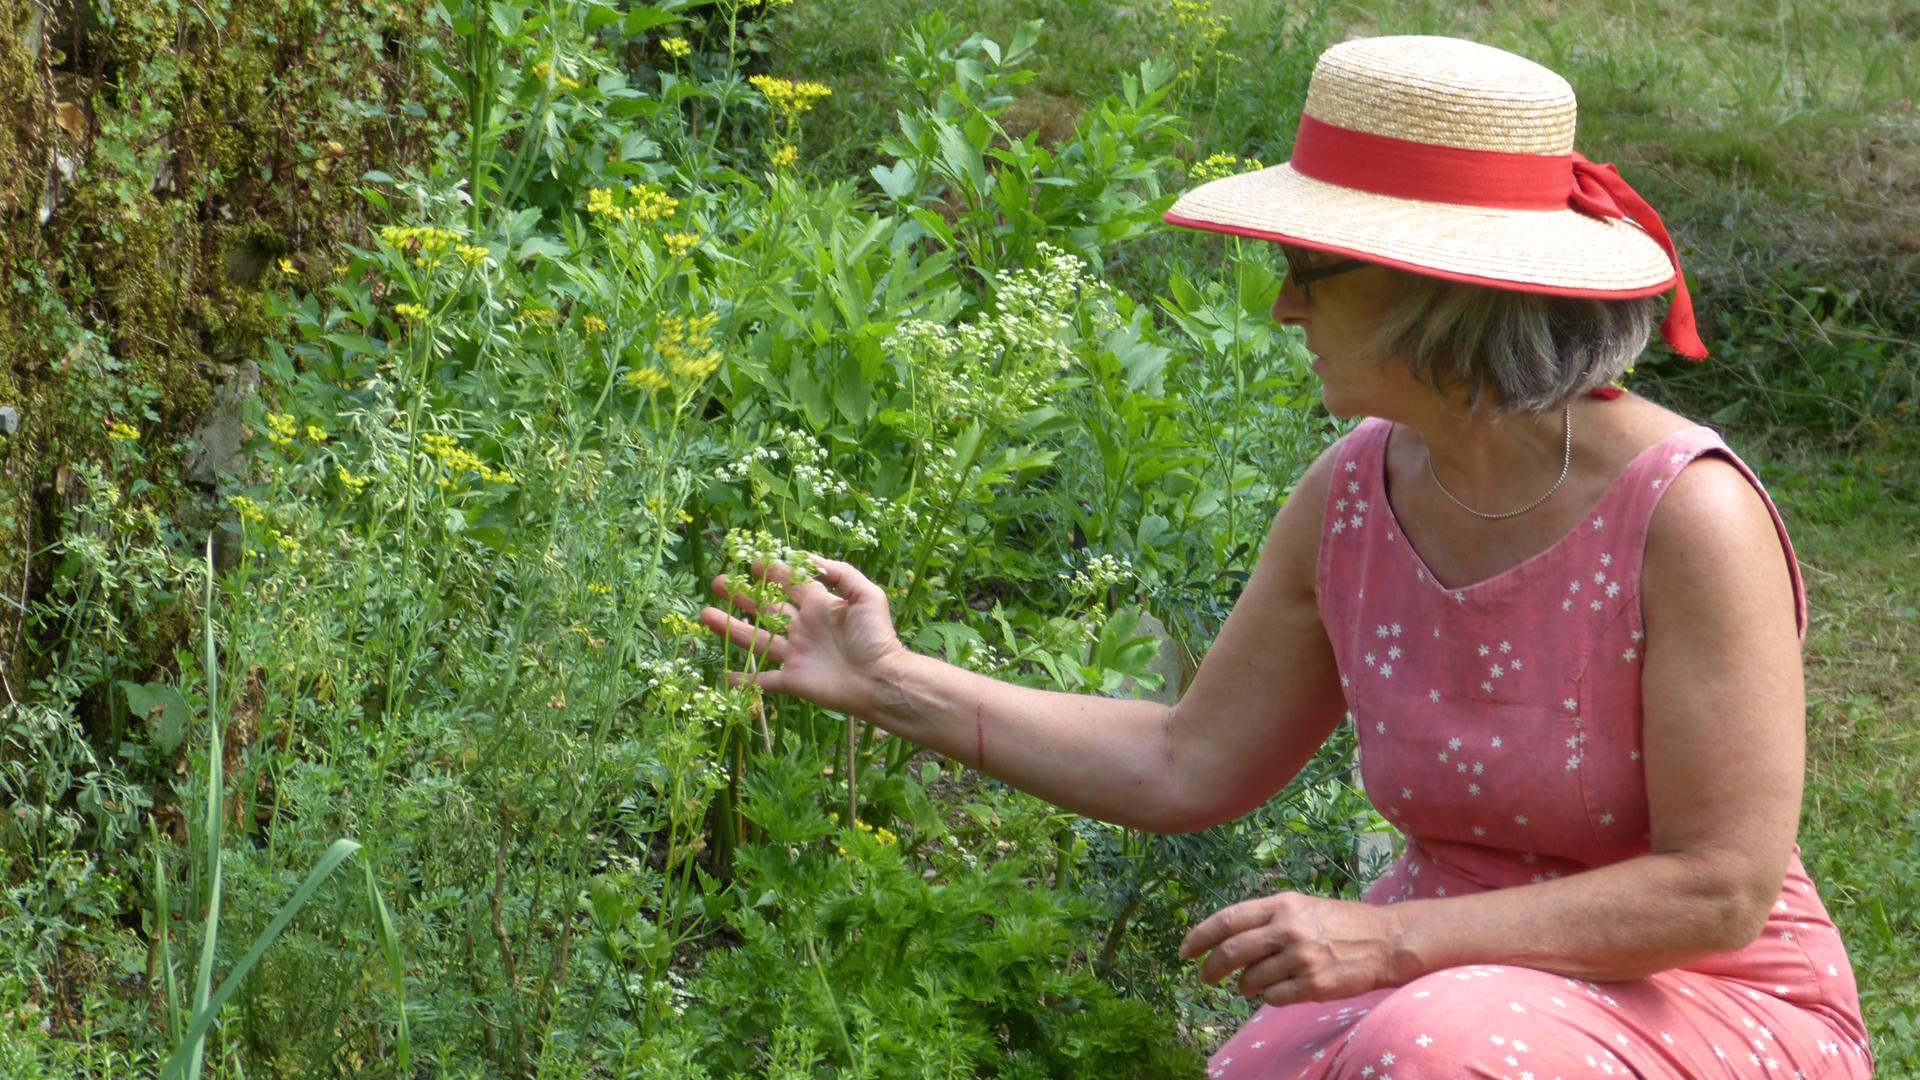 jardin-des-saveurs-villeneuve-sur-tarn-sylvie-campech-les-causeries-culinaires-jardin-aromatique-slide